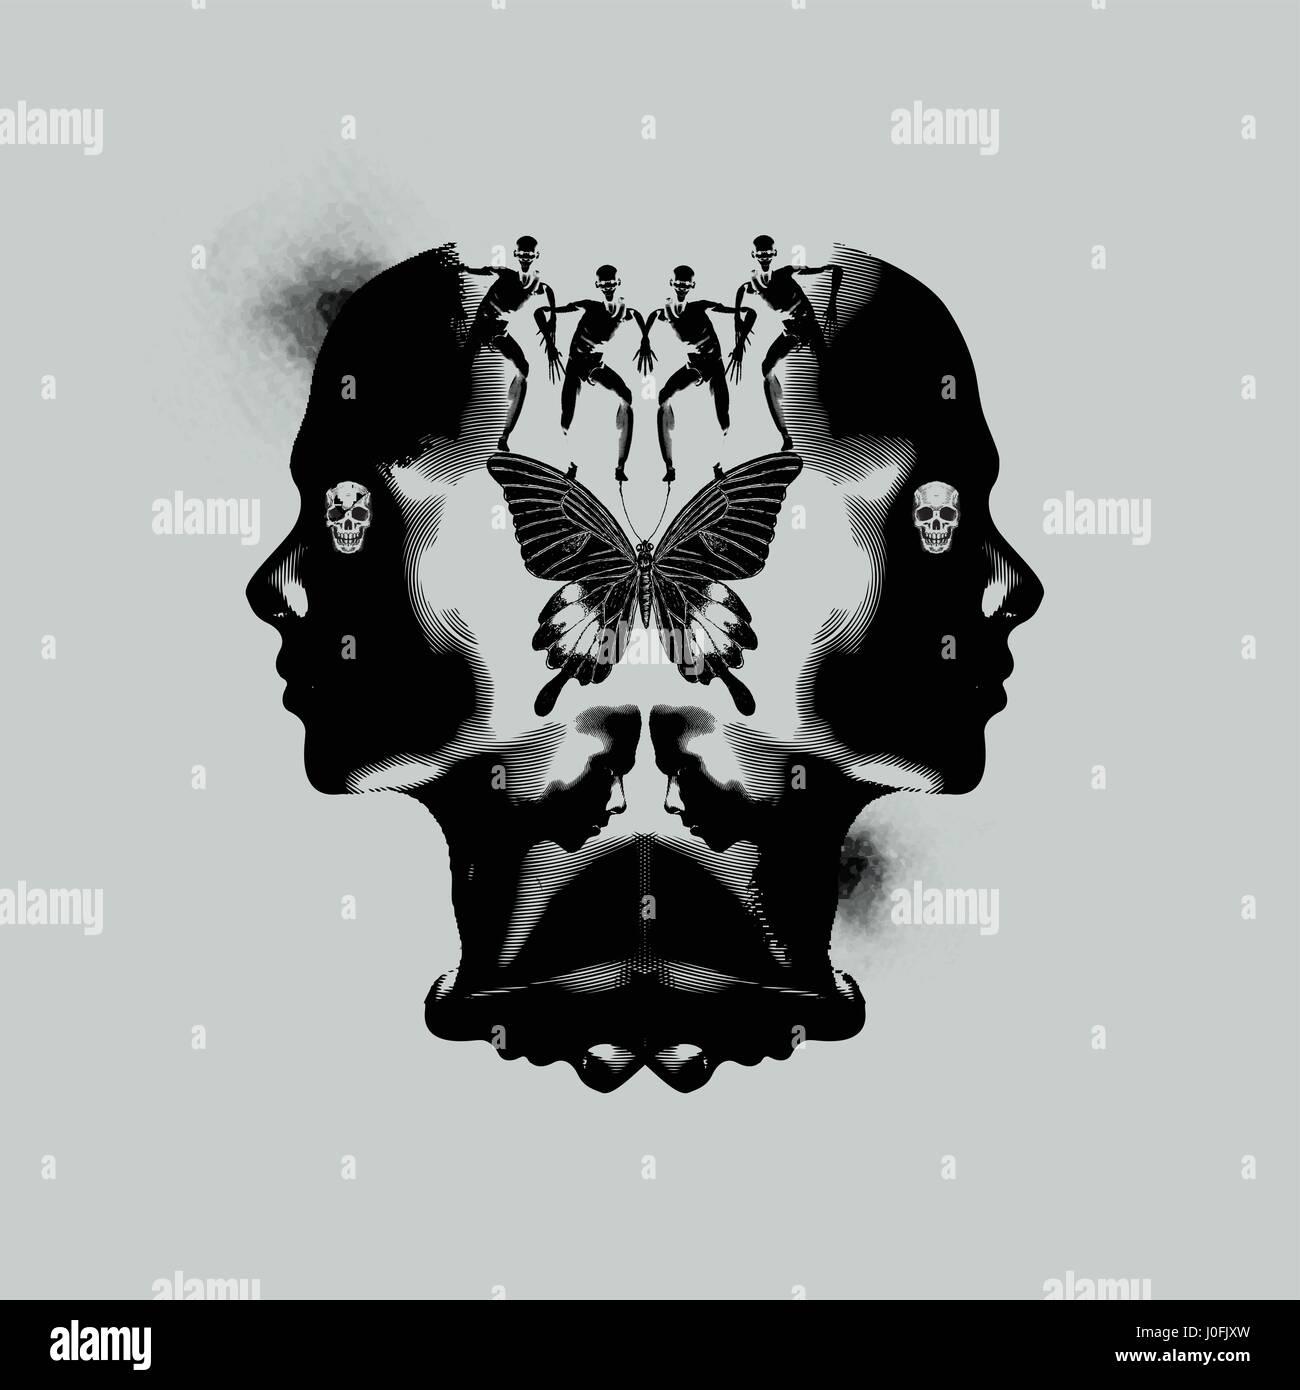 Der menschliche Geist, denken und emotionale abstrakte Abbildung mit dunkler Tintenflecken. Stockbild